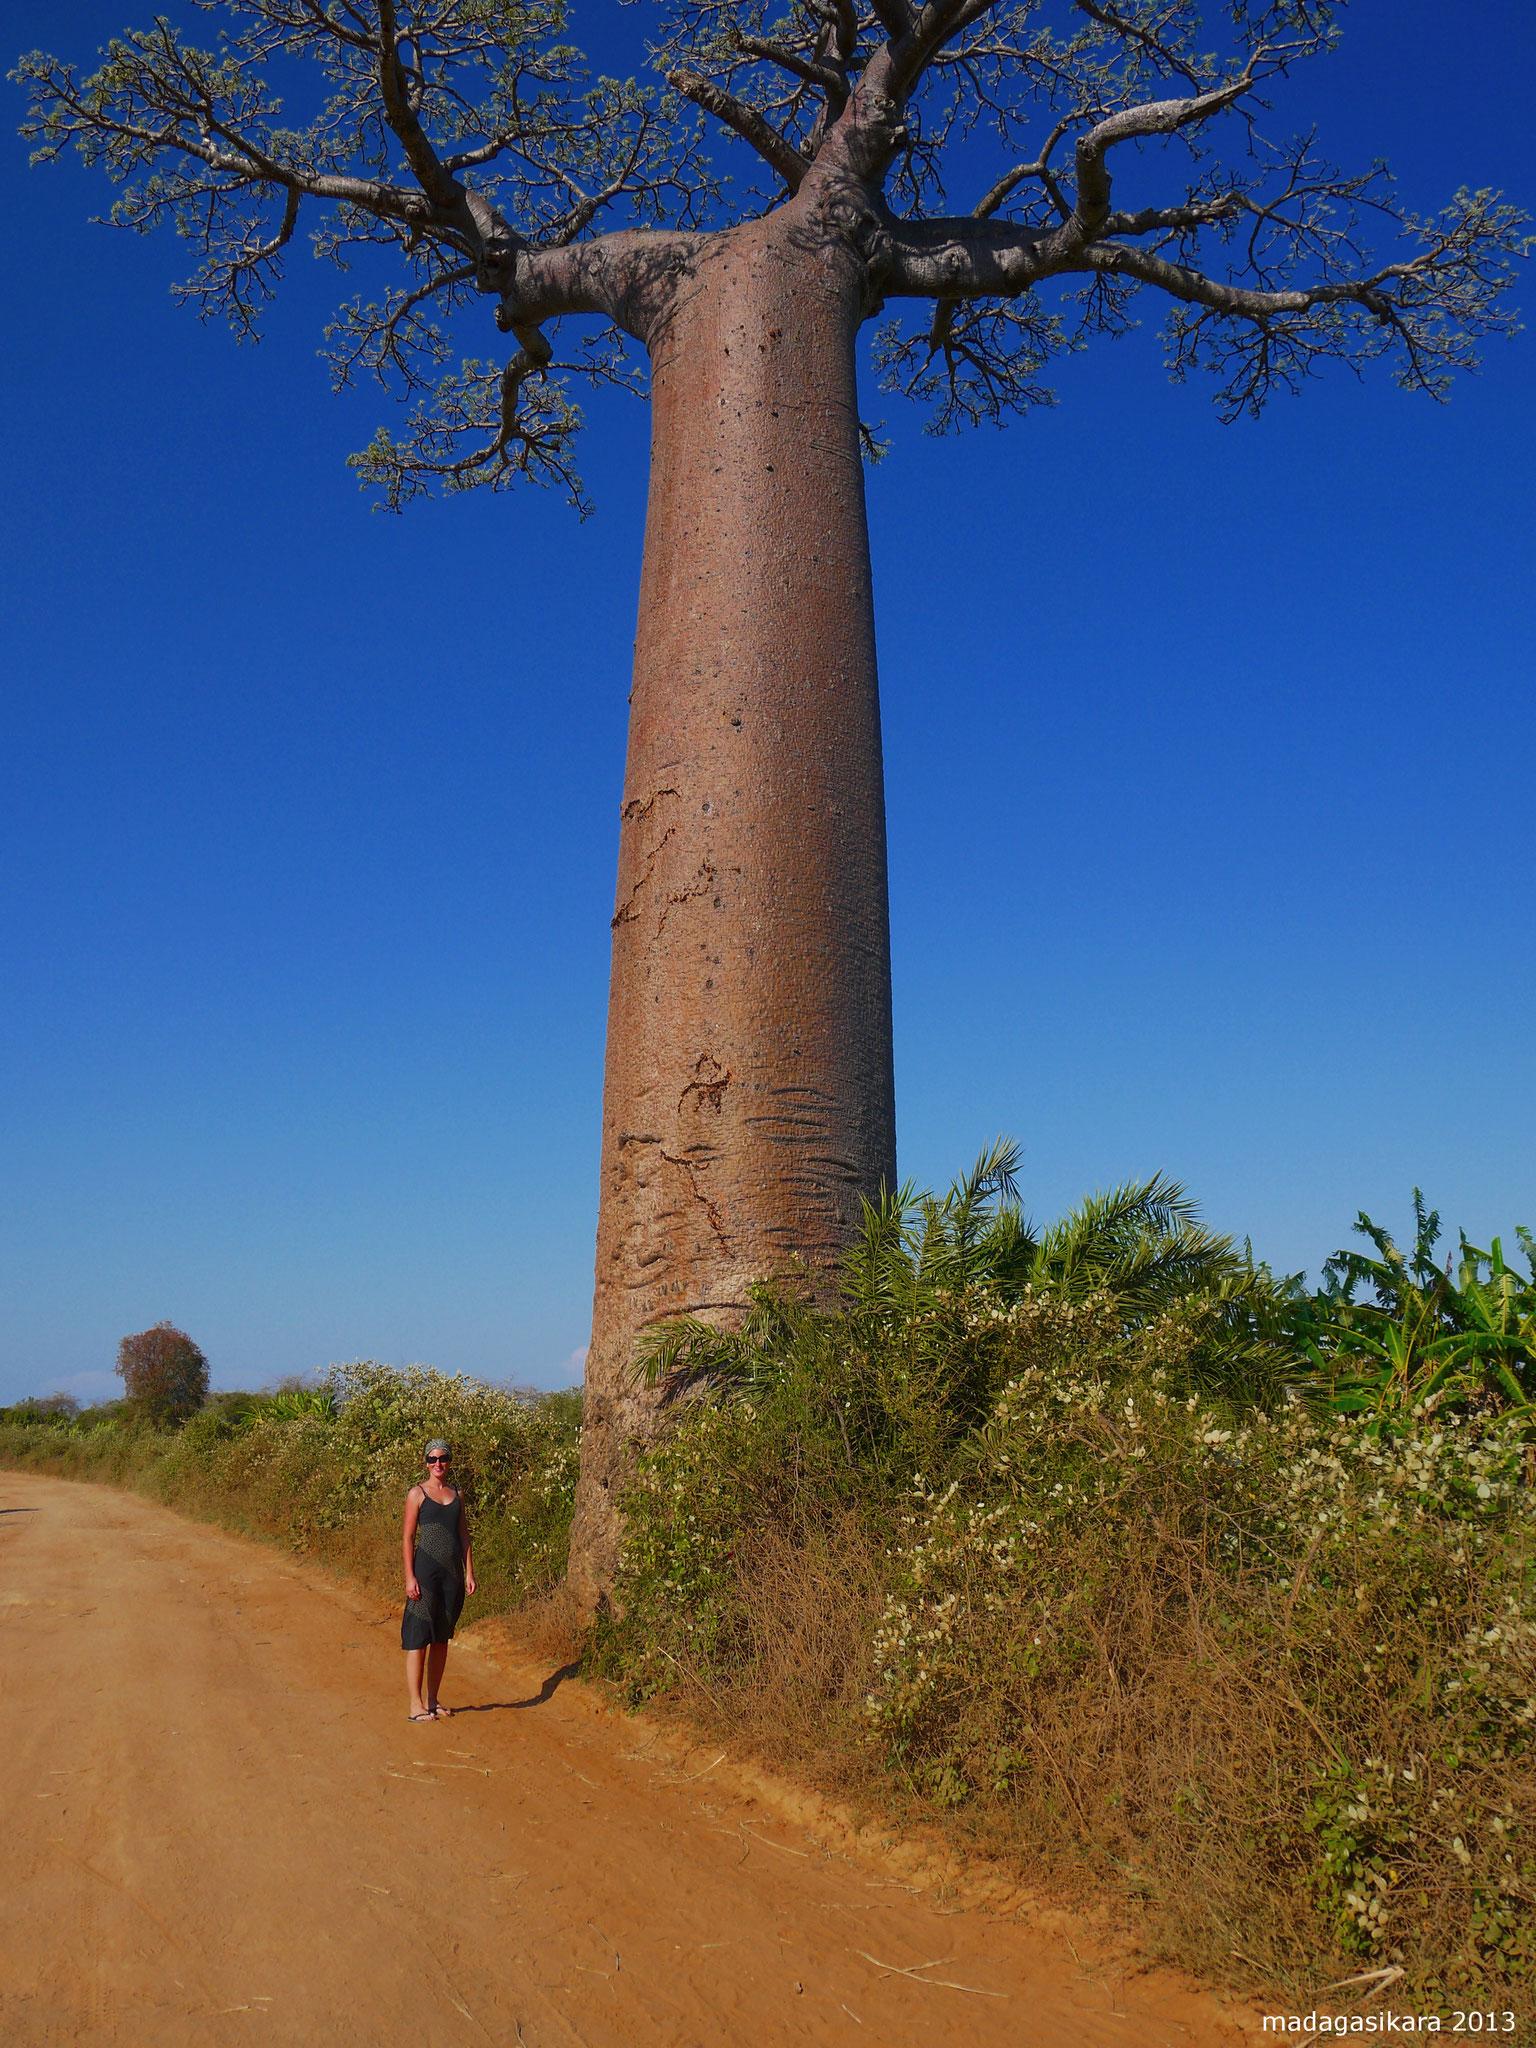 Madagaskar ist für deren selten vorkommende Tier- und Pflanzenwelt bekannt. Im Bild Baobabbaum.